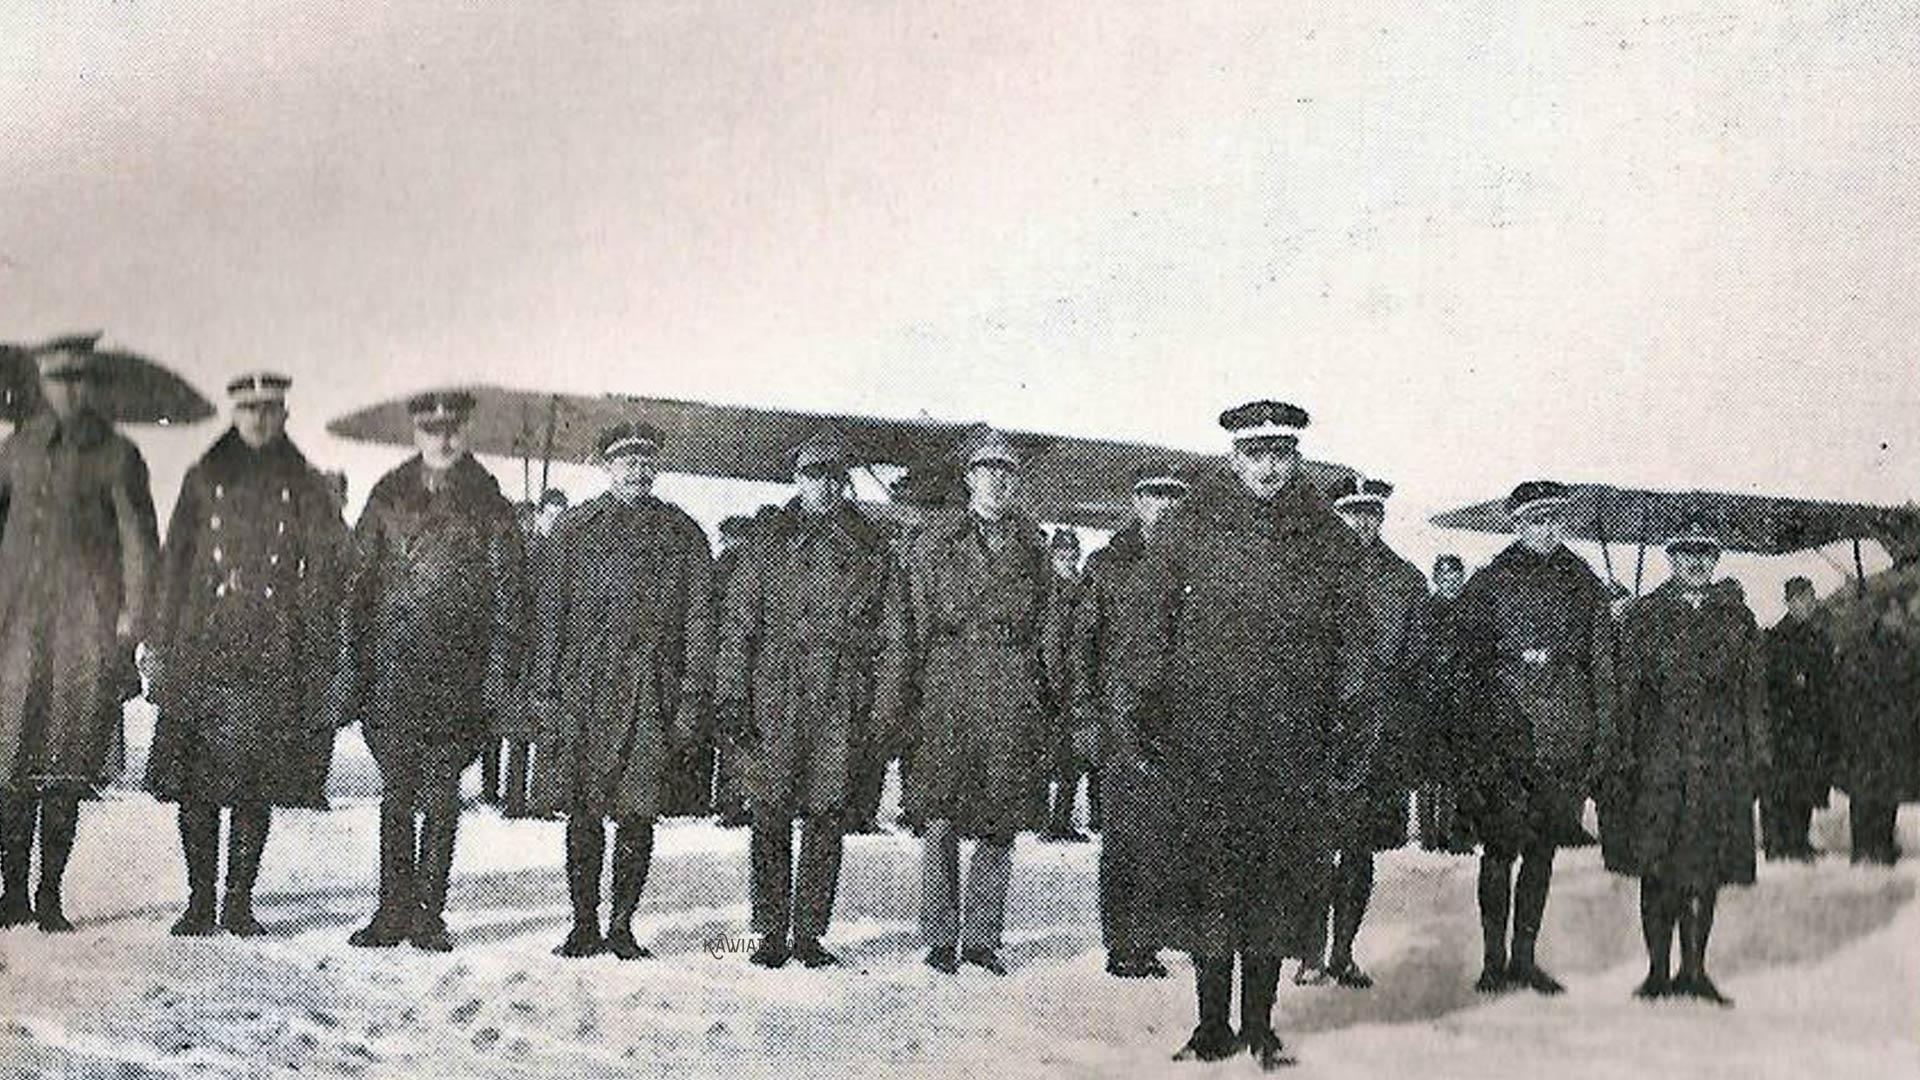 Eskadra Kościuszkowska w rocznicę Obrony Lwowa